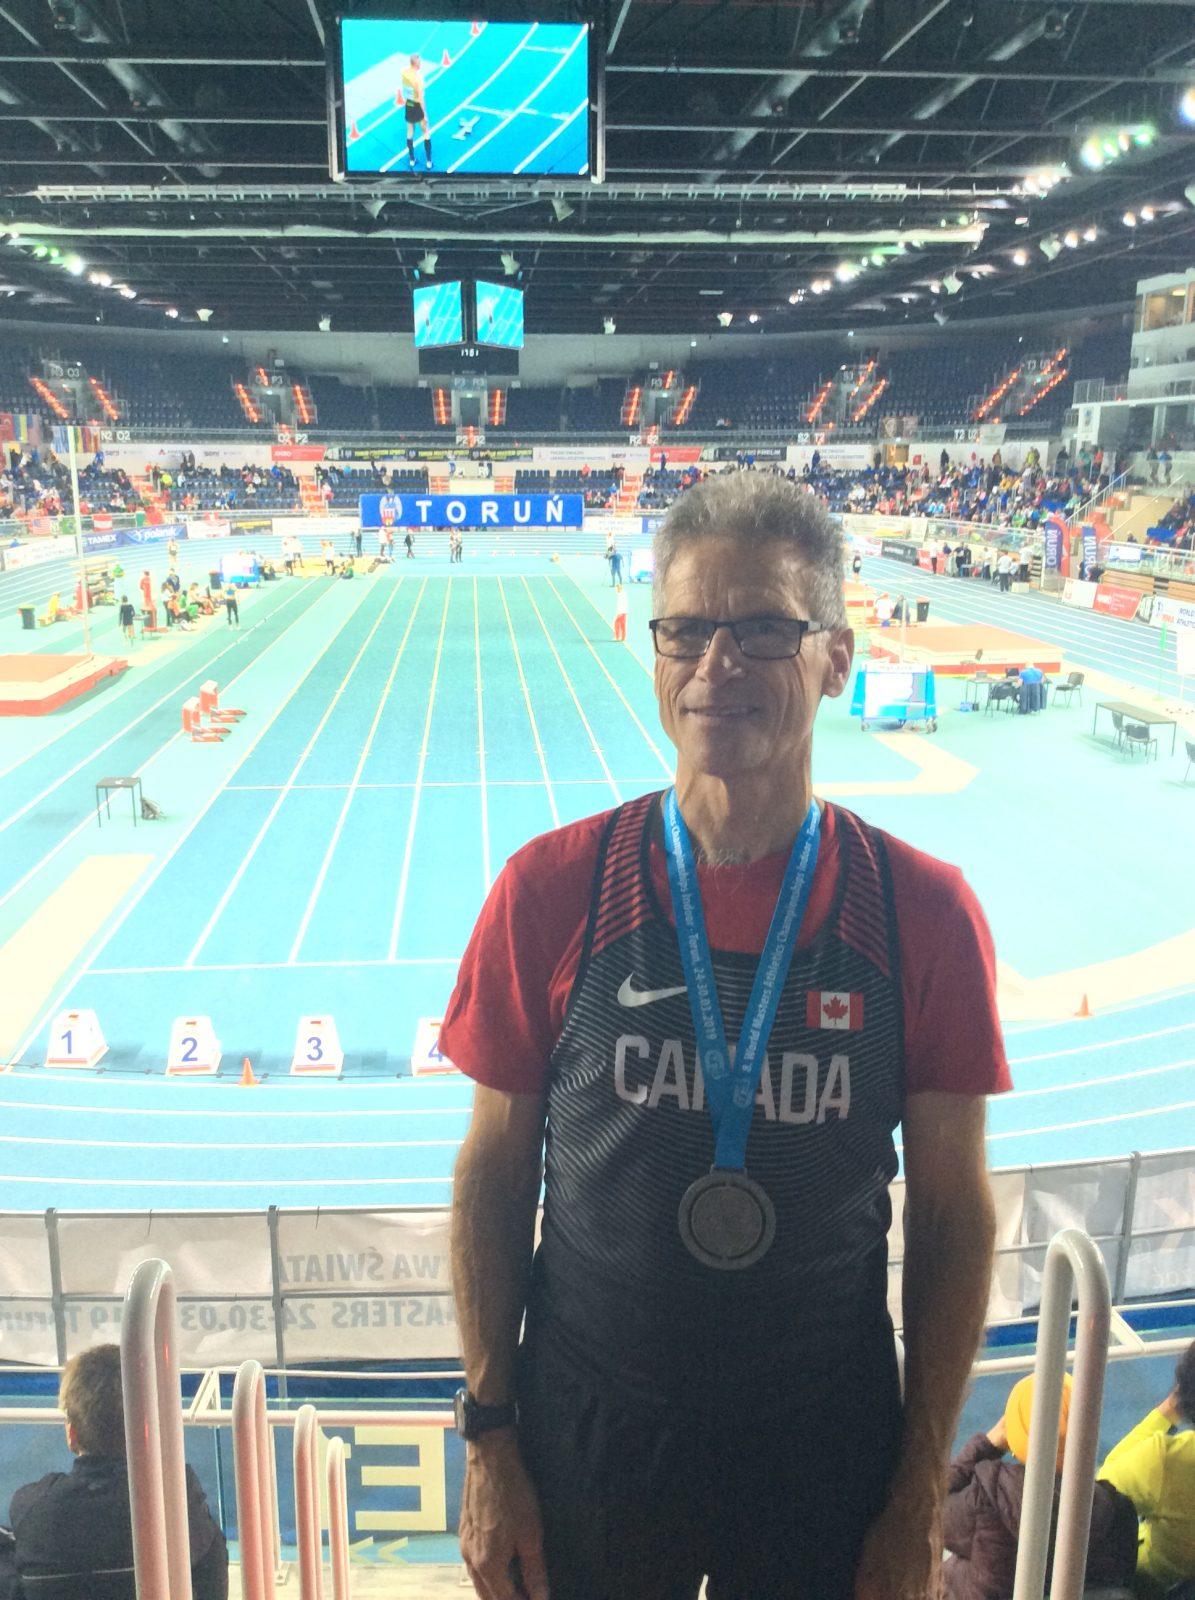 Championnats du monde vétéran à Toruή, en Pologne: le marcheur athlétique Denis Laflamme décroche une médaille d'argent